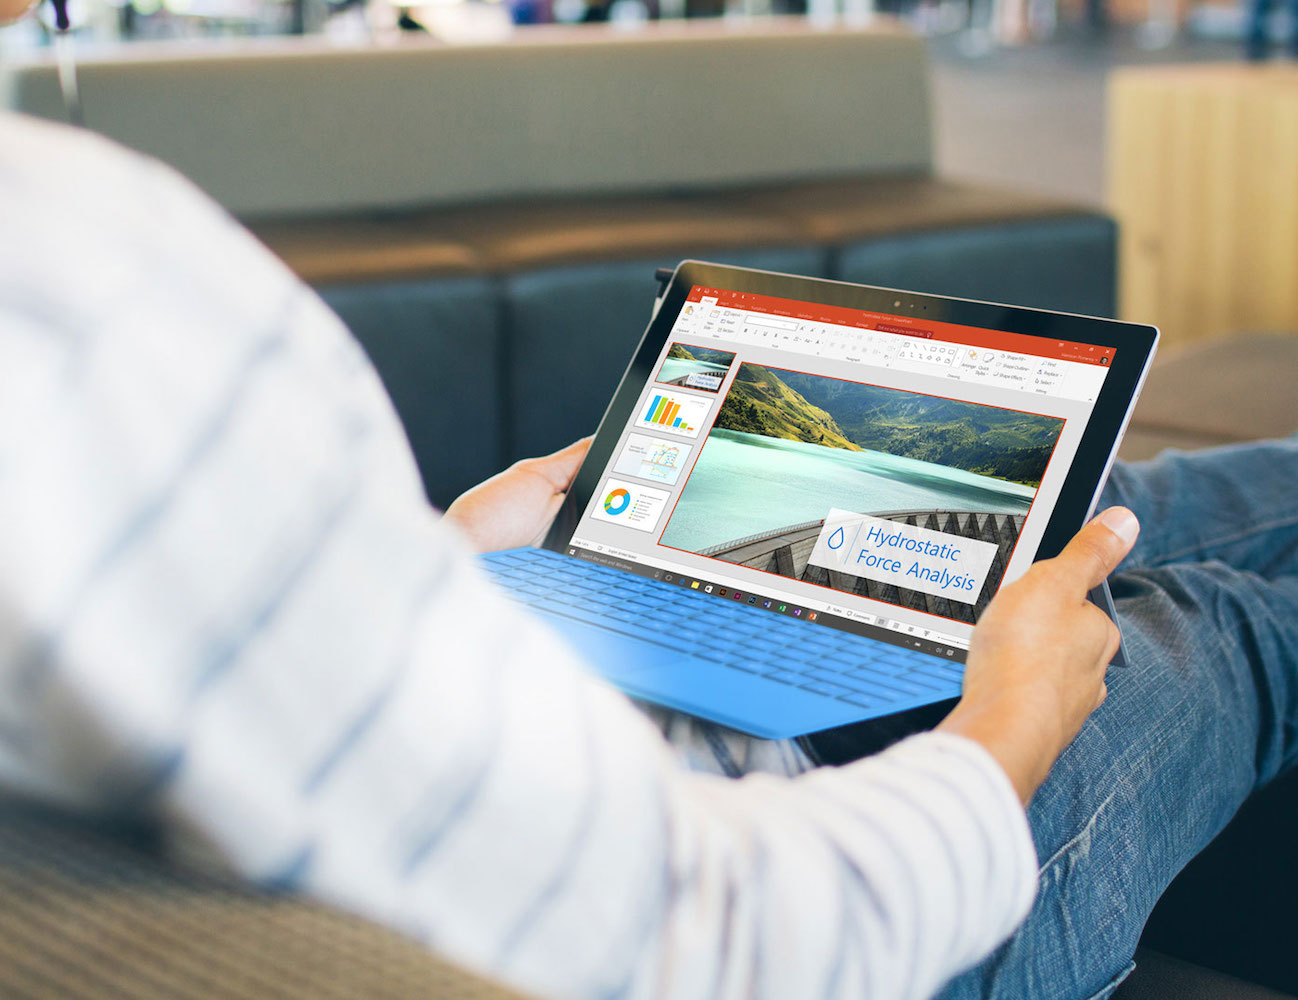 Microsoft Surface Pro 4